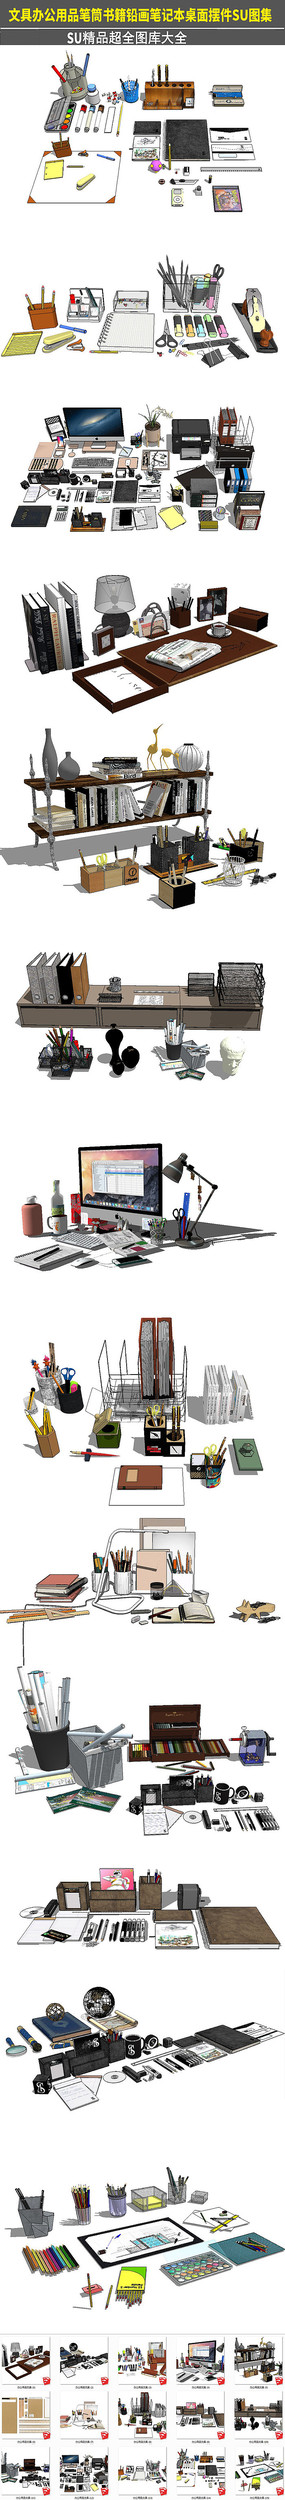 文具办公用品桌面摆件